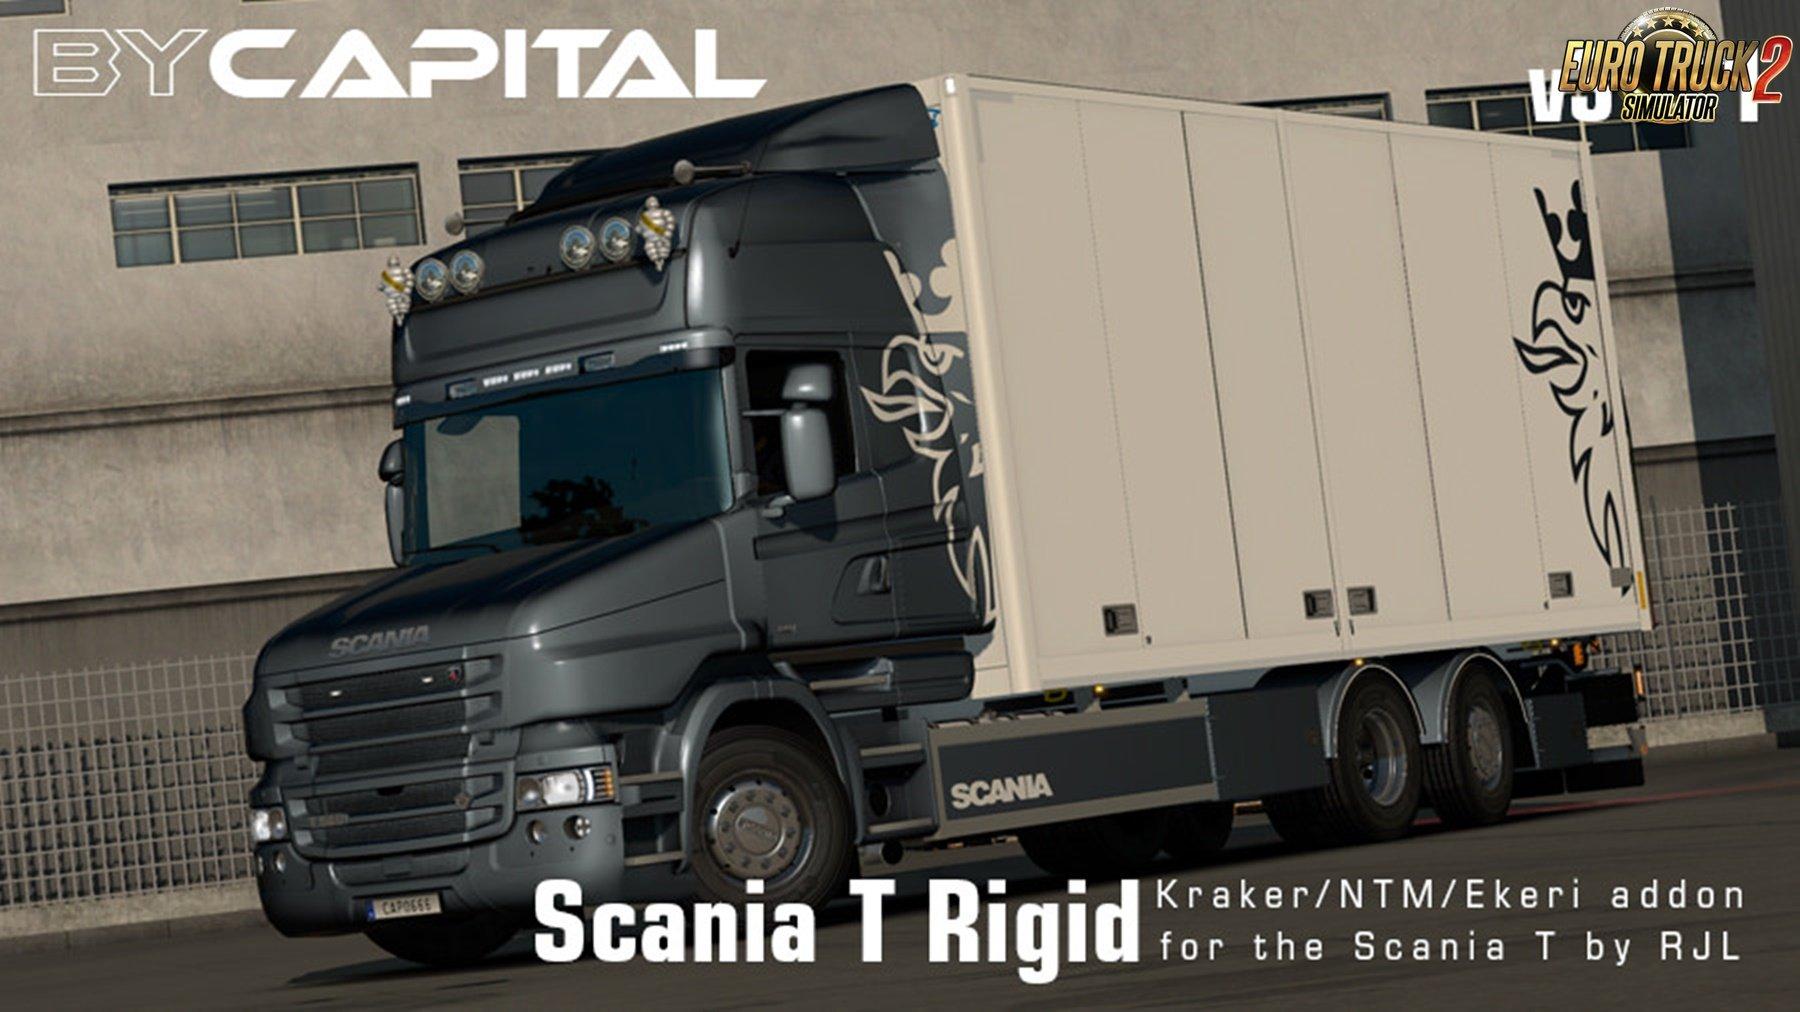 Rigid chassis for RJL Scania T & T4 (Kraker/NTM/VAK/Ekeri) v3.2.1 - ByCapital